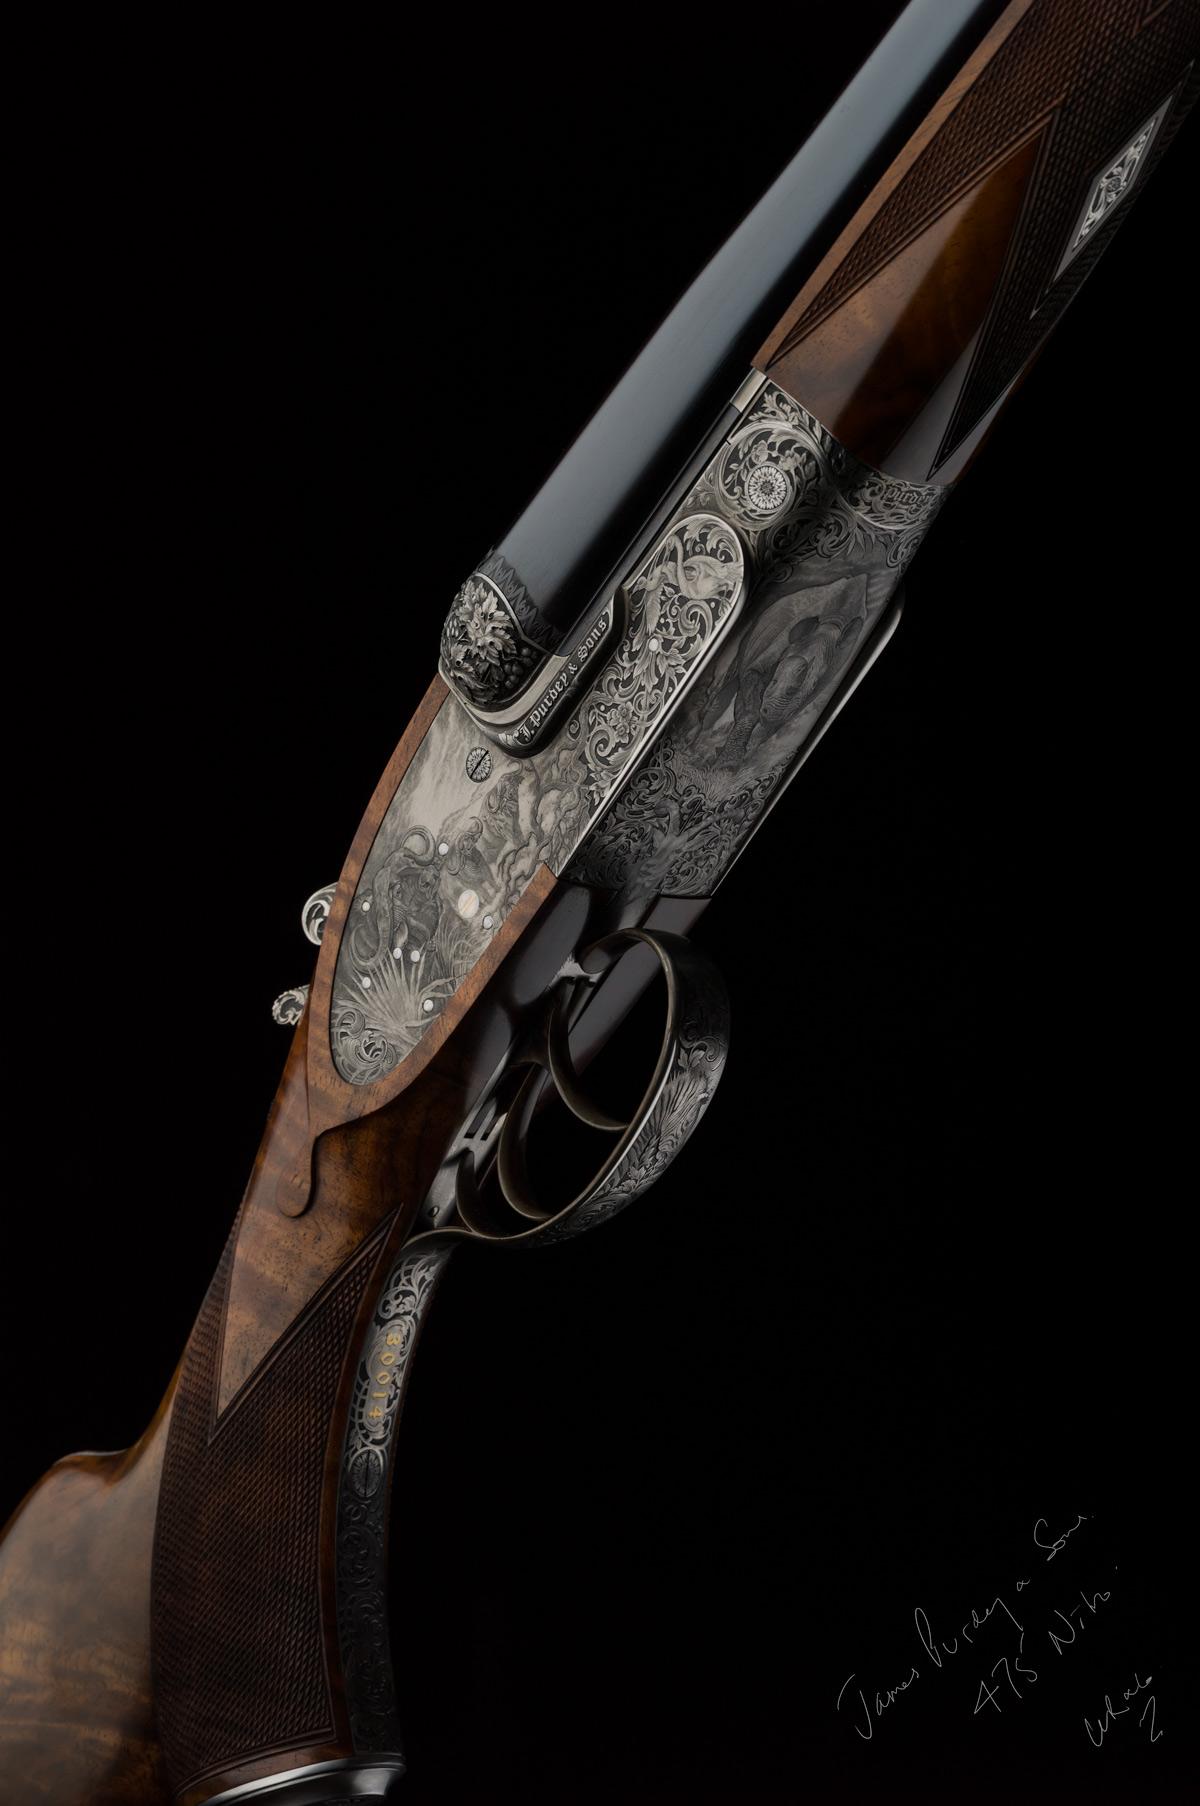 James Purdey, Double Rifle, Nitro Express, 475,